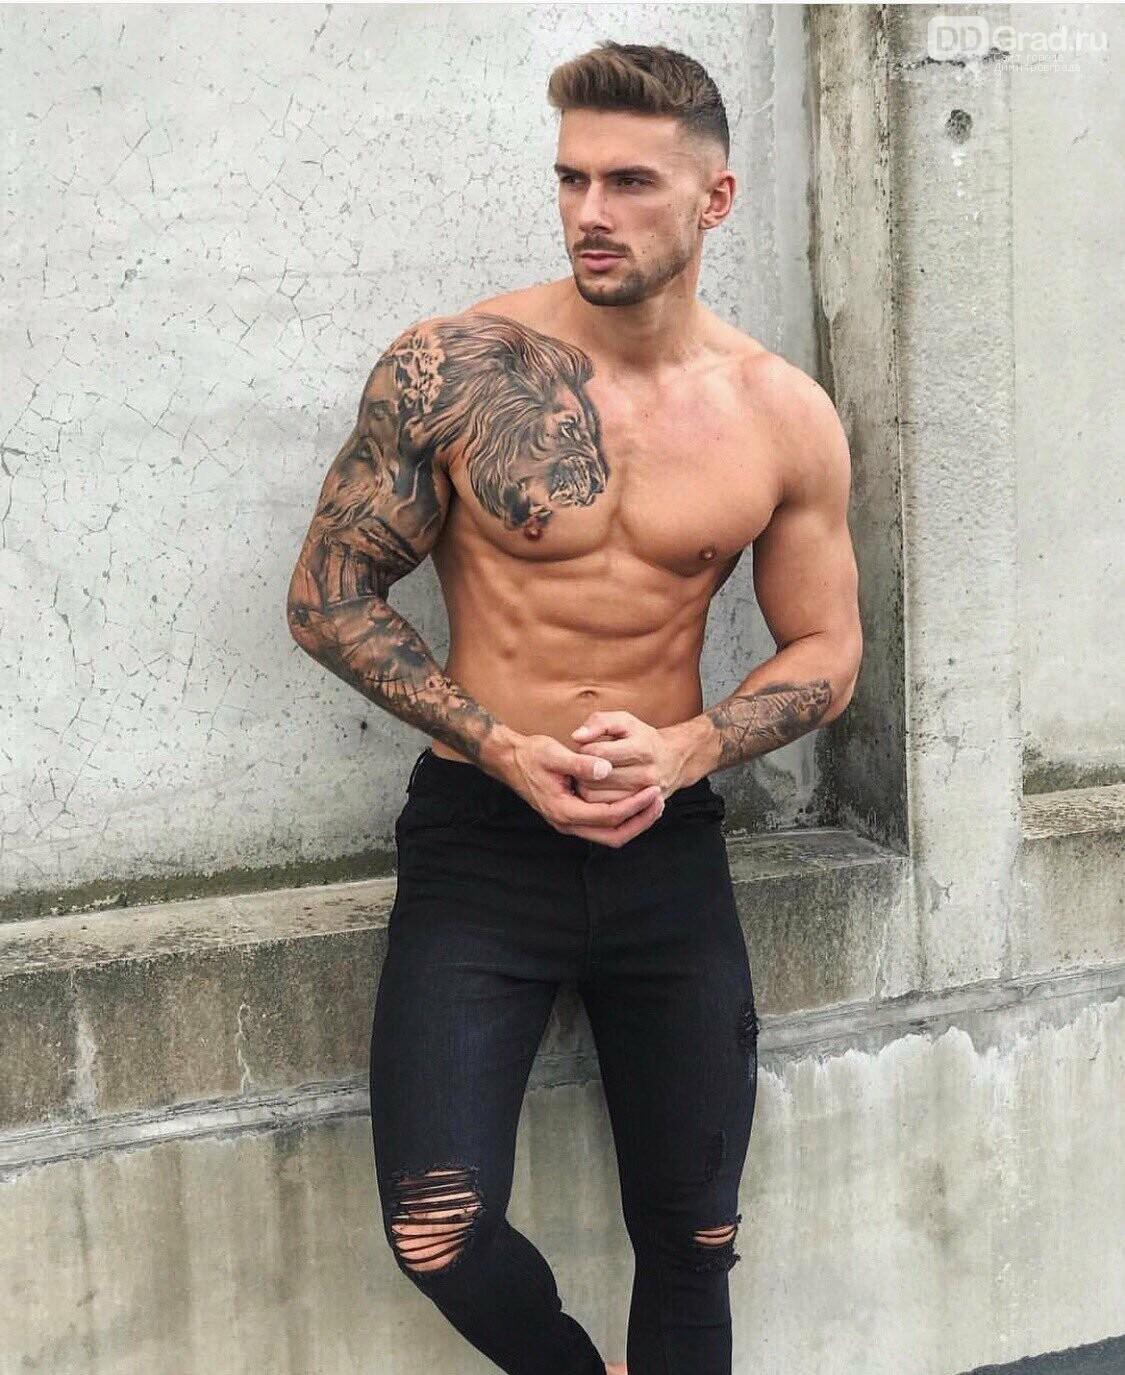 Татуировка-быть,или не быть? мнение димитровградцев, фото-2